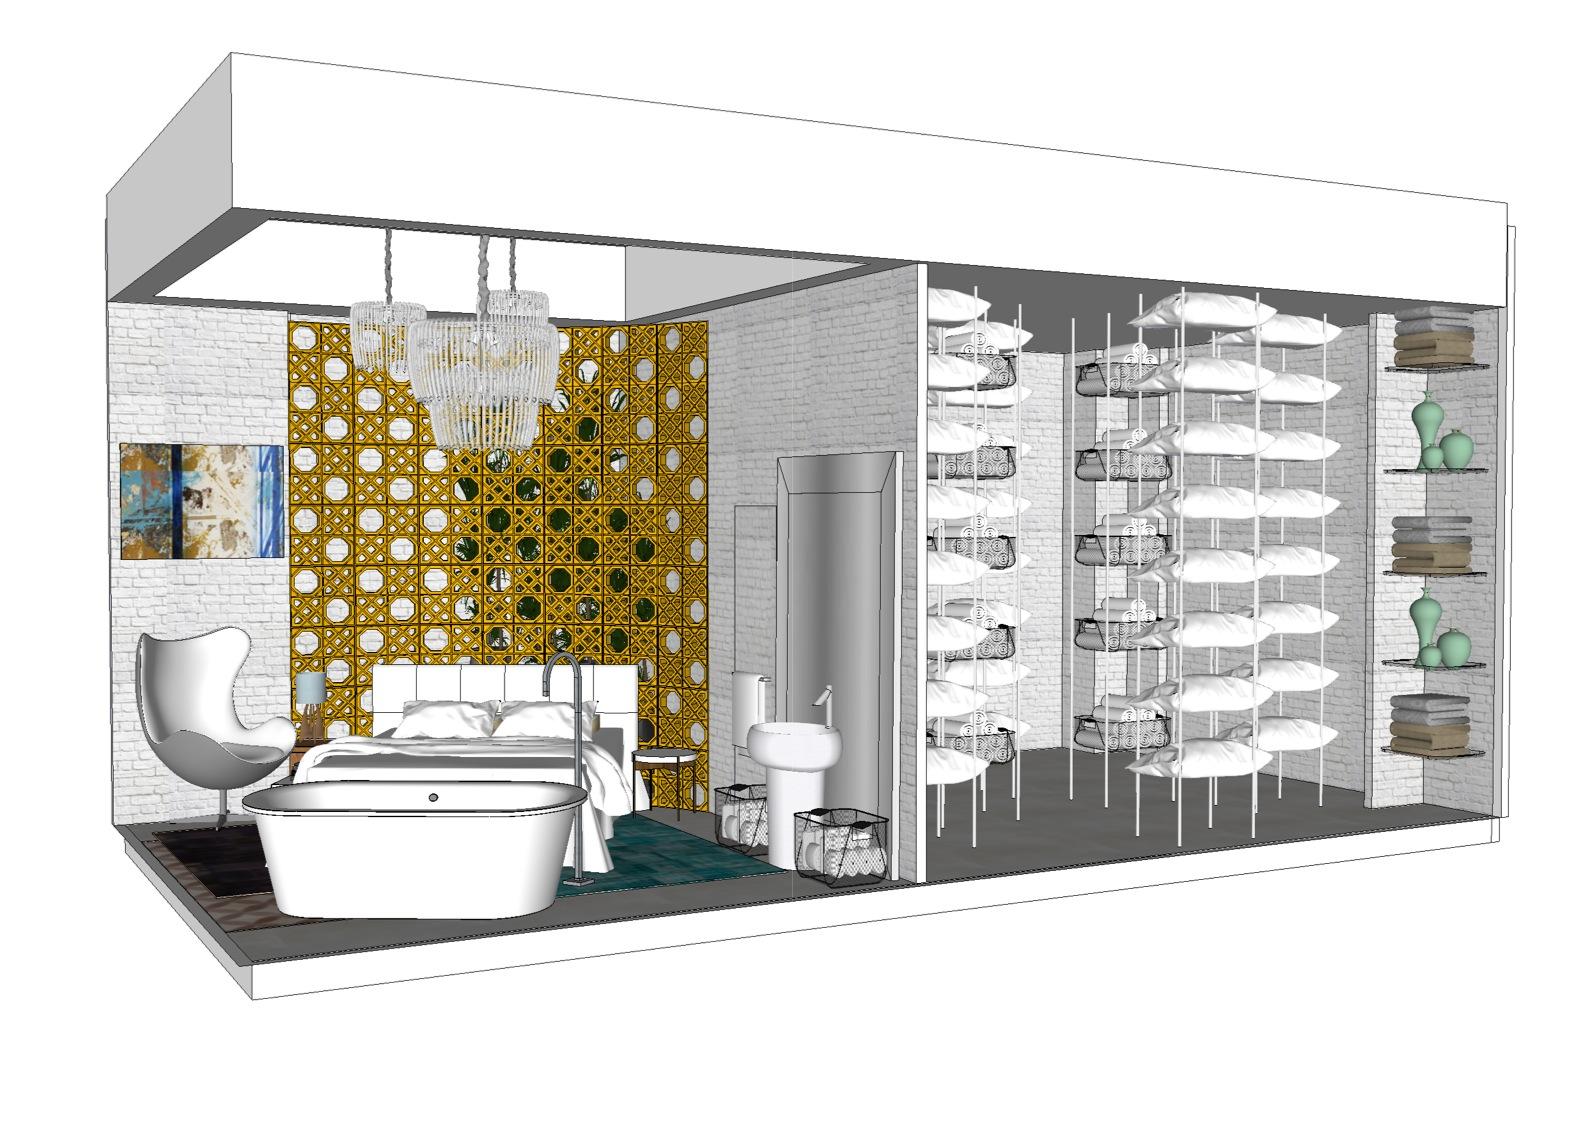 Projeto arquitetônico de uma loja com vitrine no shopping